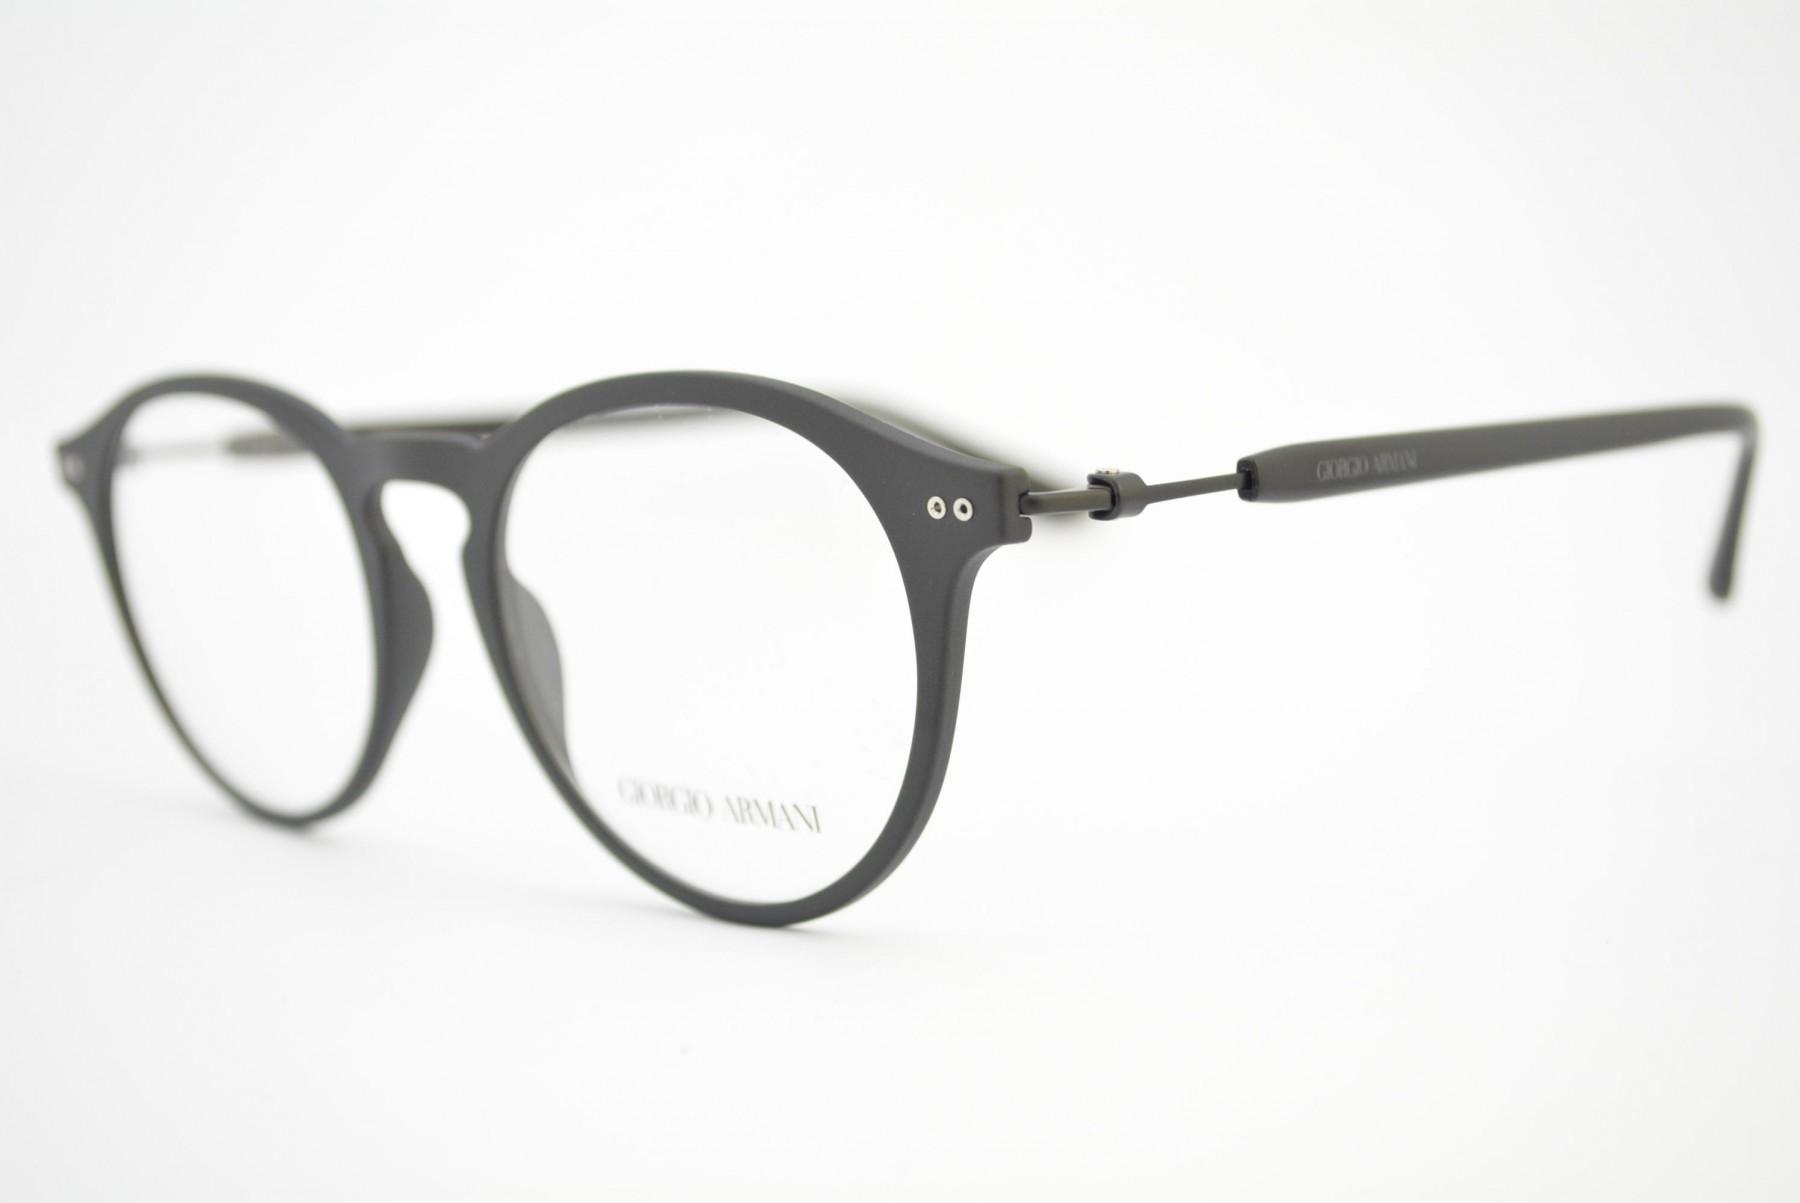 023b127b9228f armação de óculos Giorgio Armani mod ar7040 5042. Código  ar7040 5042